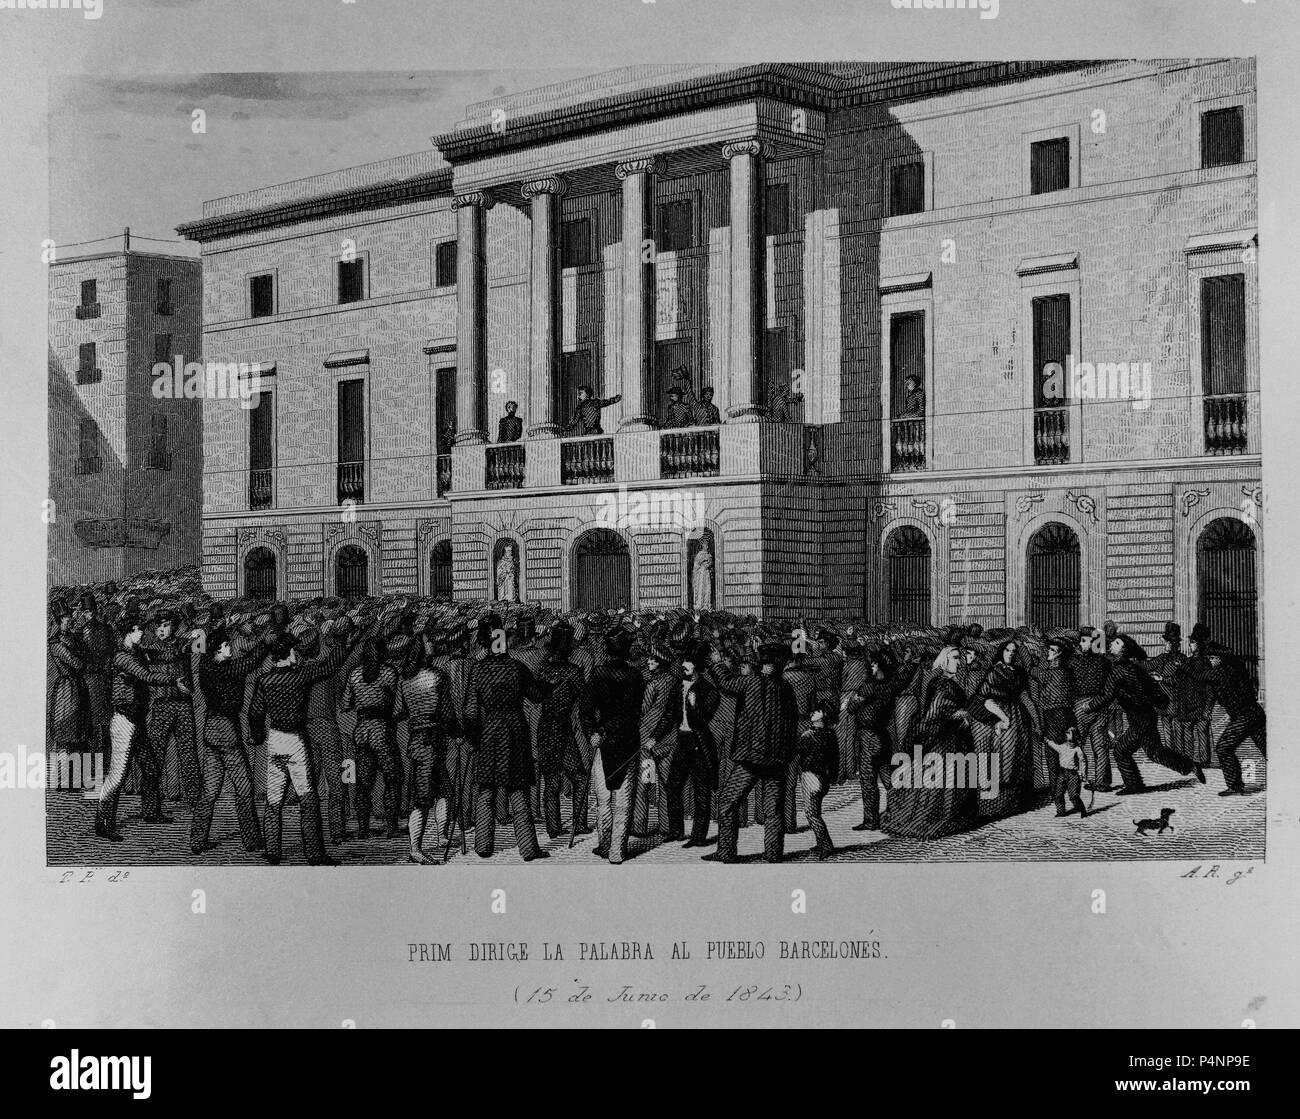 PRIM DIRIGE LA PALABRA AL PUEBLO BARCELONES - 15 DE JUNIO DE 1843 - GRABADO SIGLO XIX. Location: MUSEO ROMANTICO-GRABADO, MADRID, SPAIN. Stock Photo